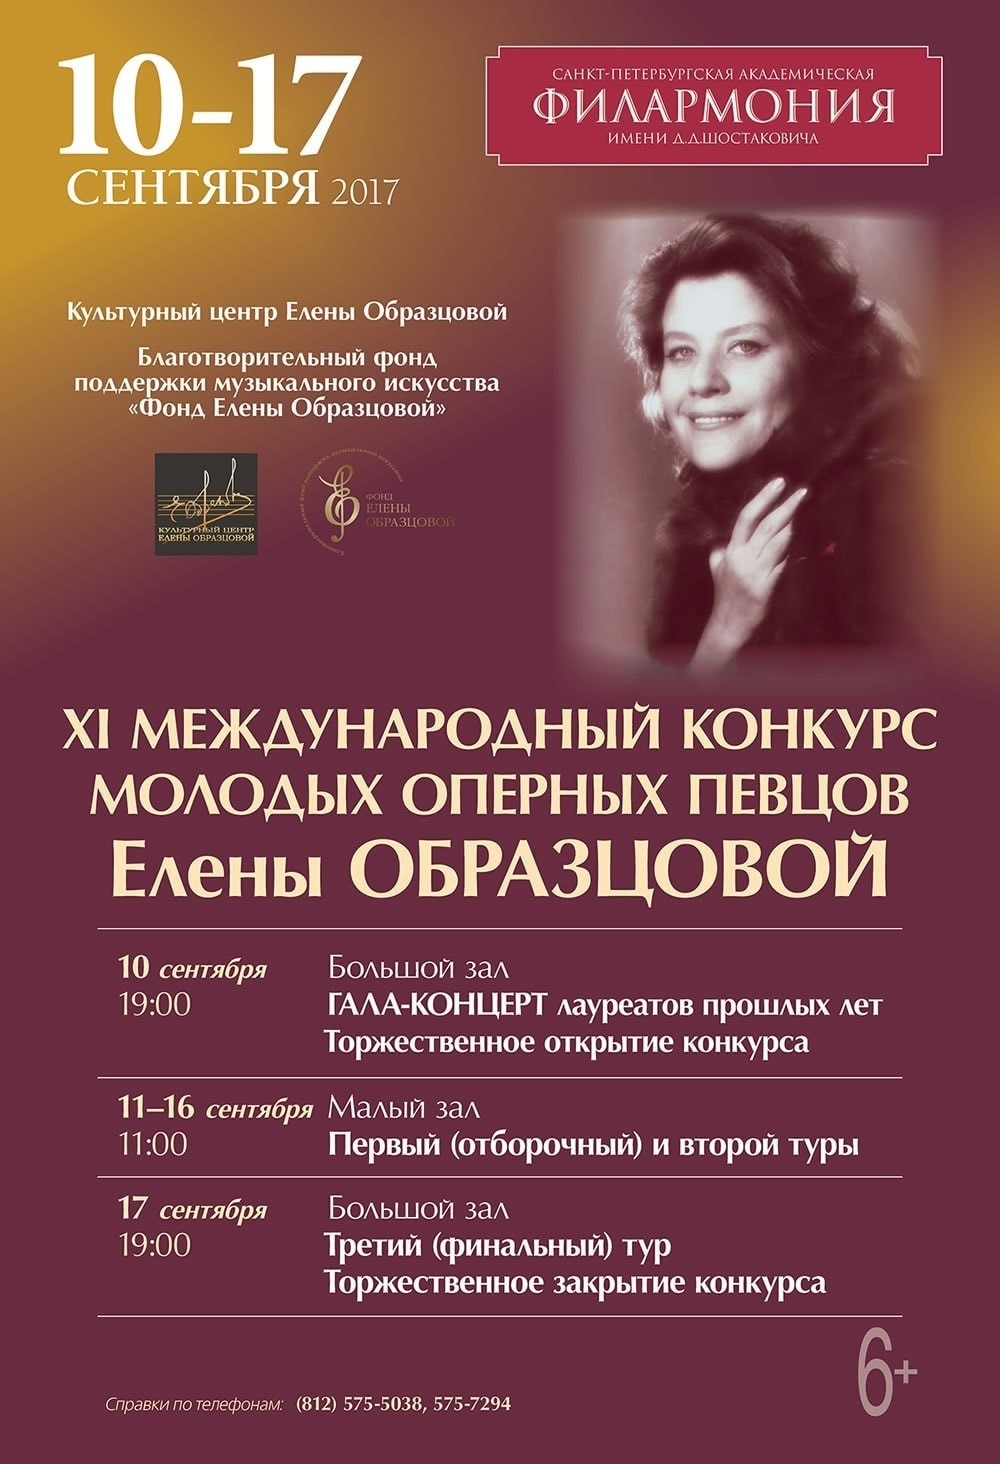 На XI конкурсе Елены Образцовой собралось рекордное количество участников